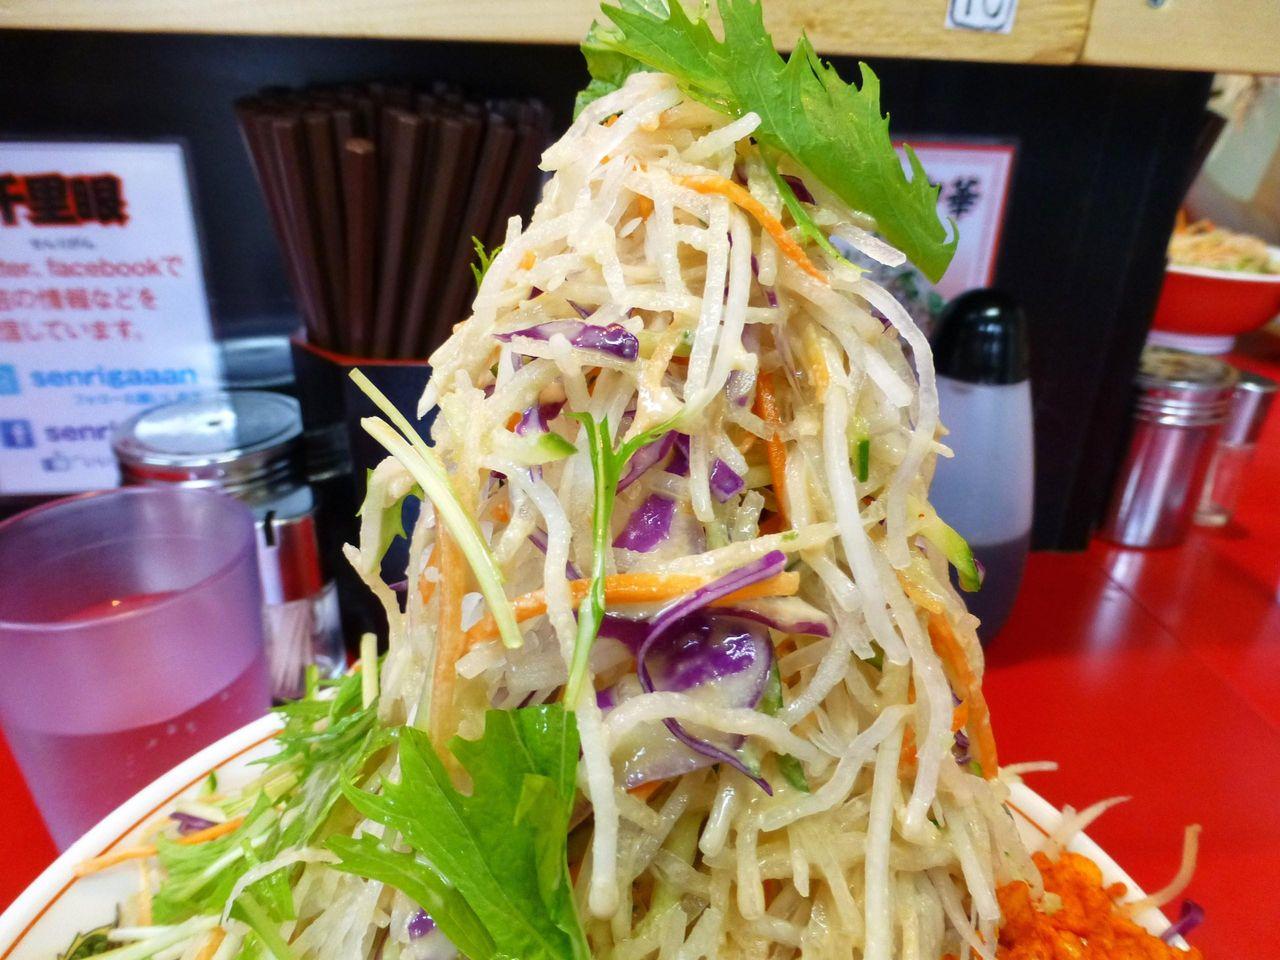 野菜タワーの構成は、大根、水菜、キャベツ、ニンジンなど!